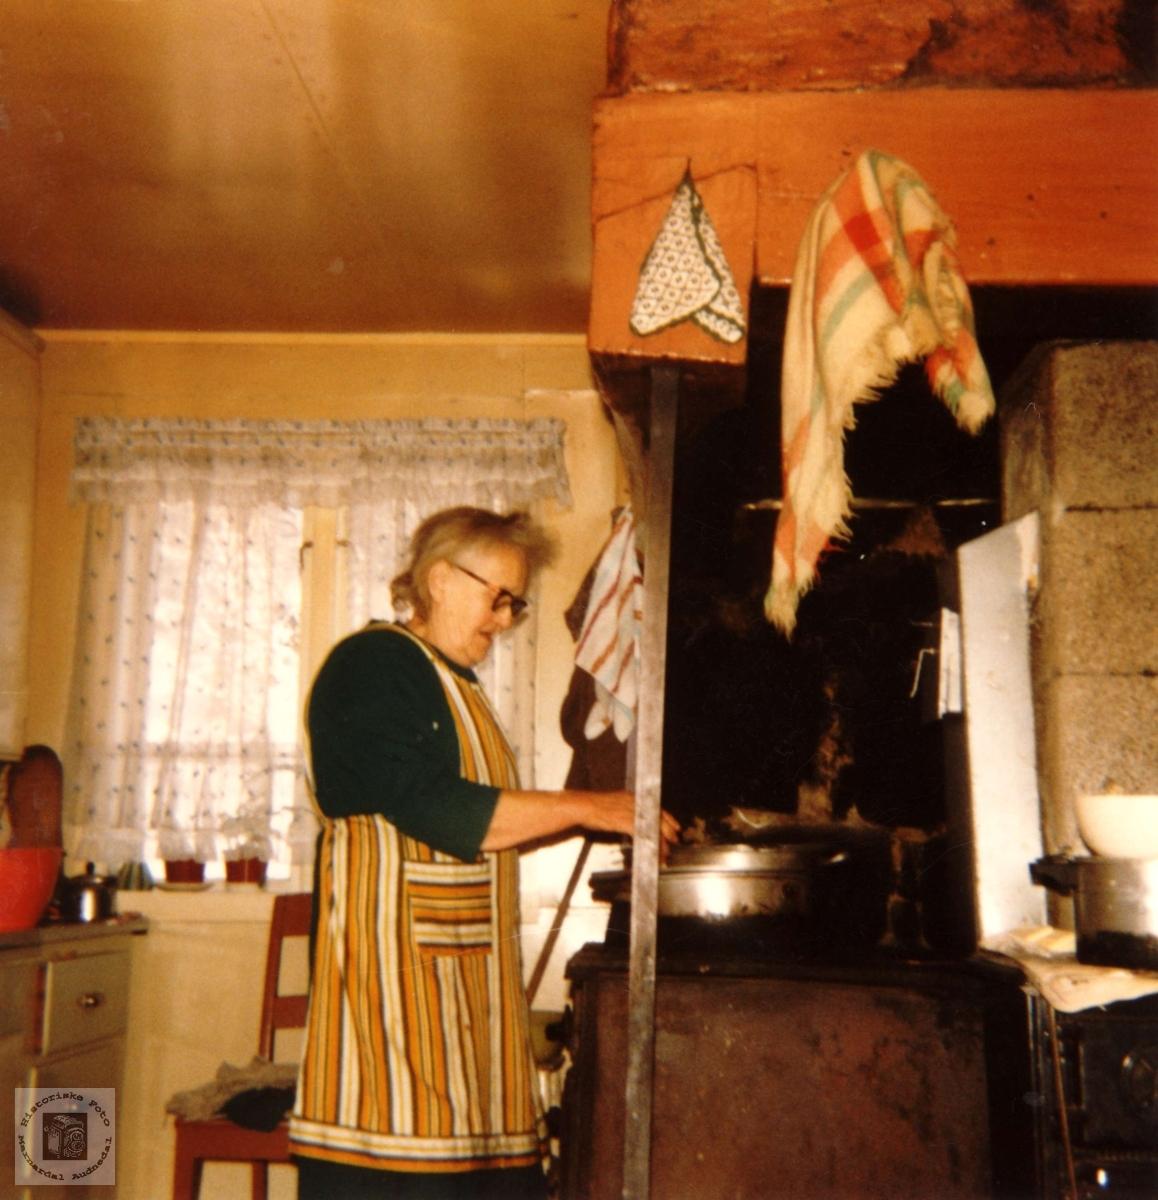 Matstell ved komfyren i skorsteinen på Røynesdal, Bjelland.